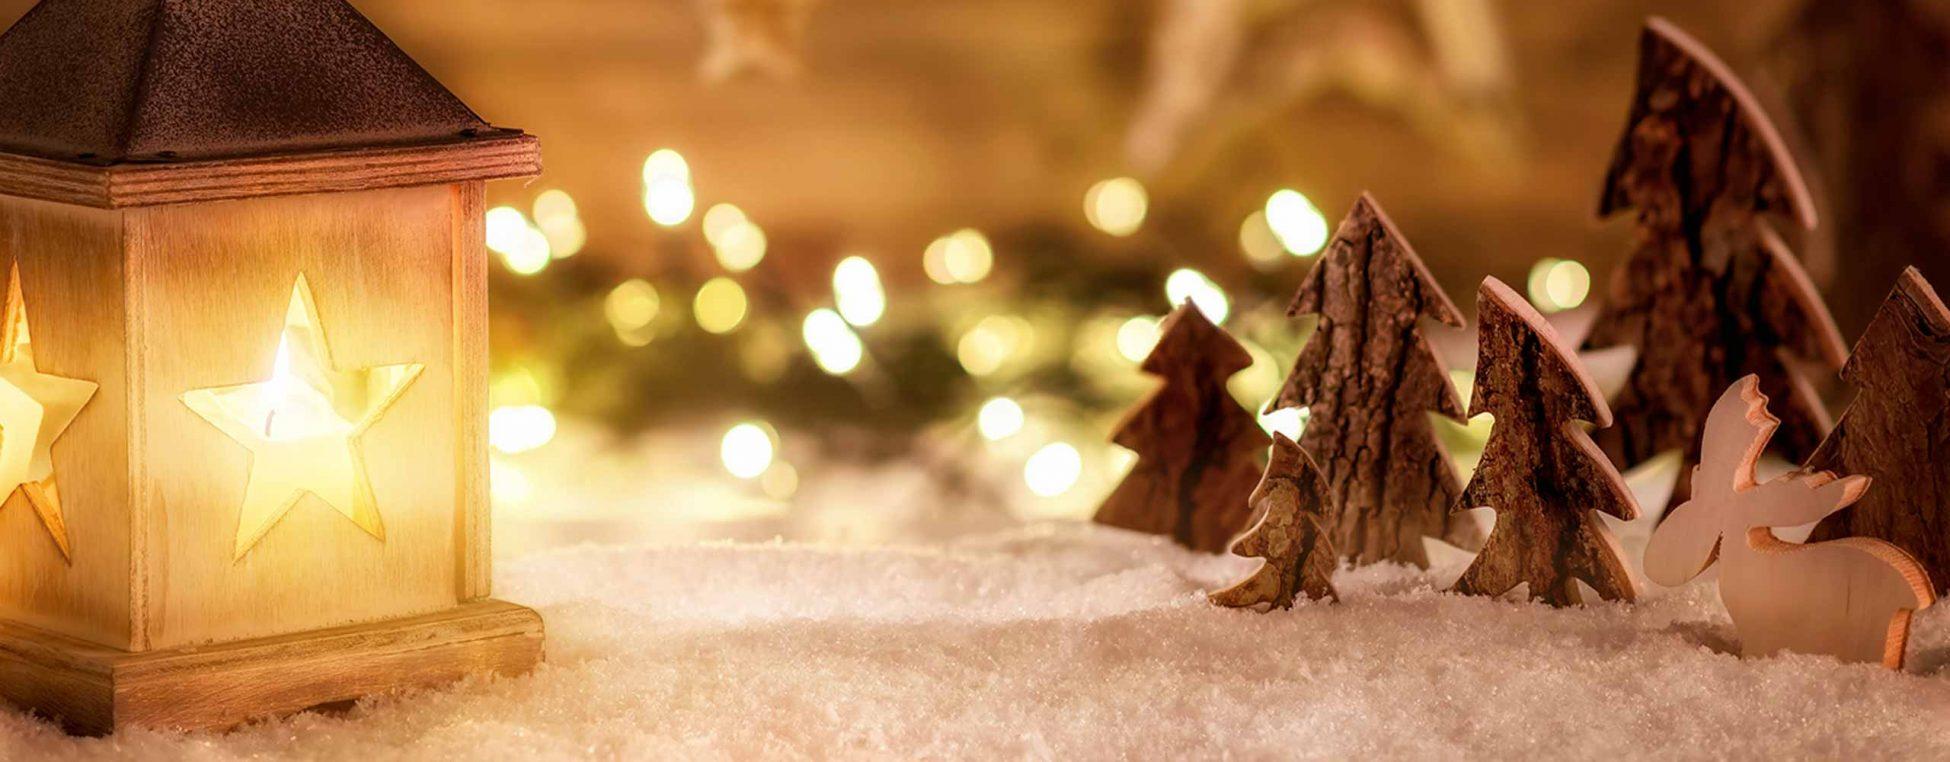 Bild zum Adventsrätsel: Laterne und Adventsdekoration